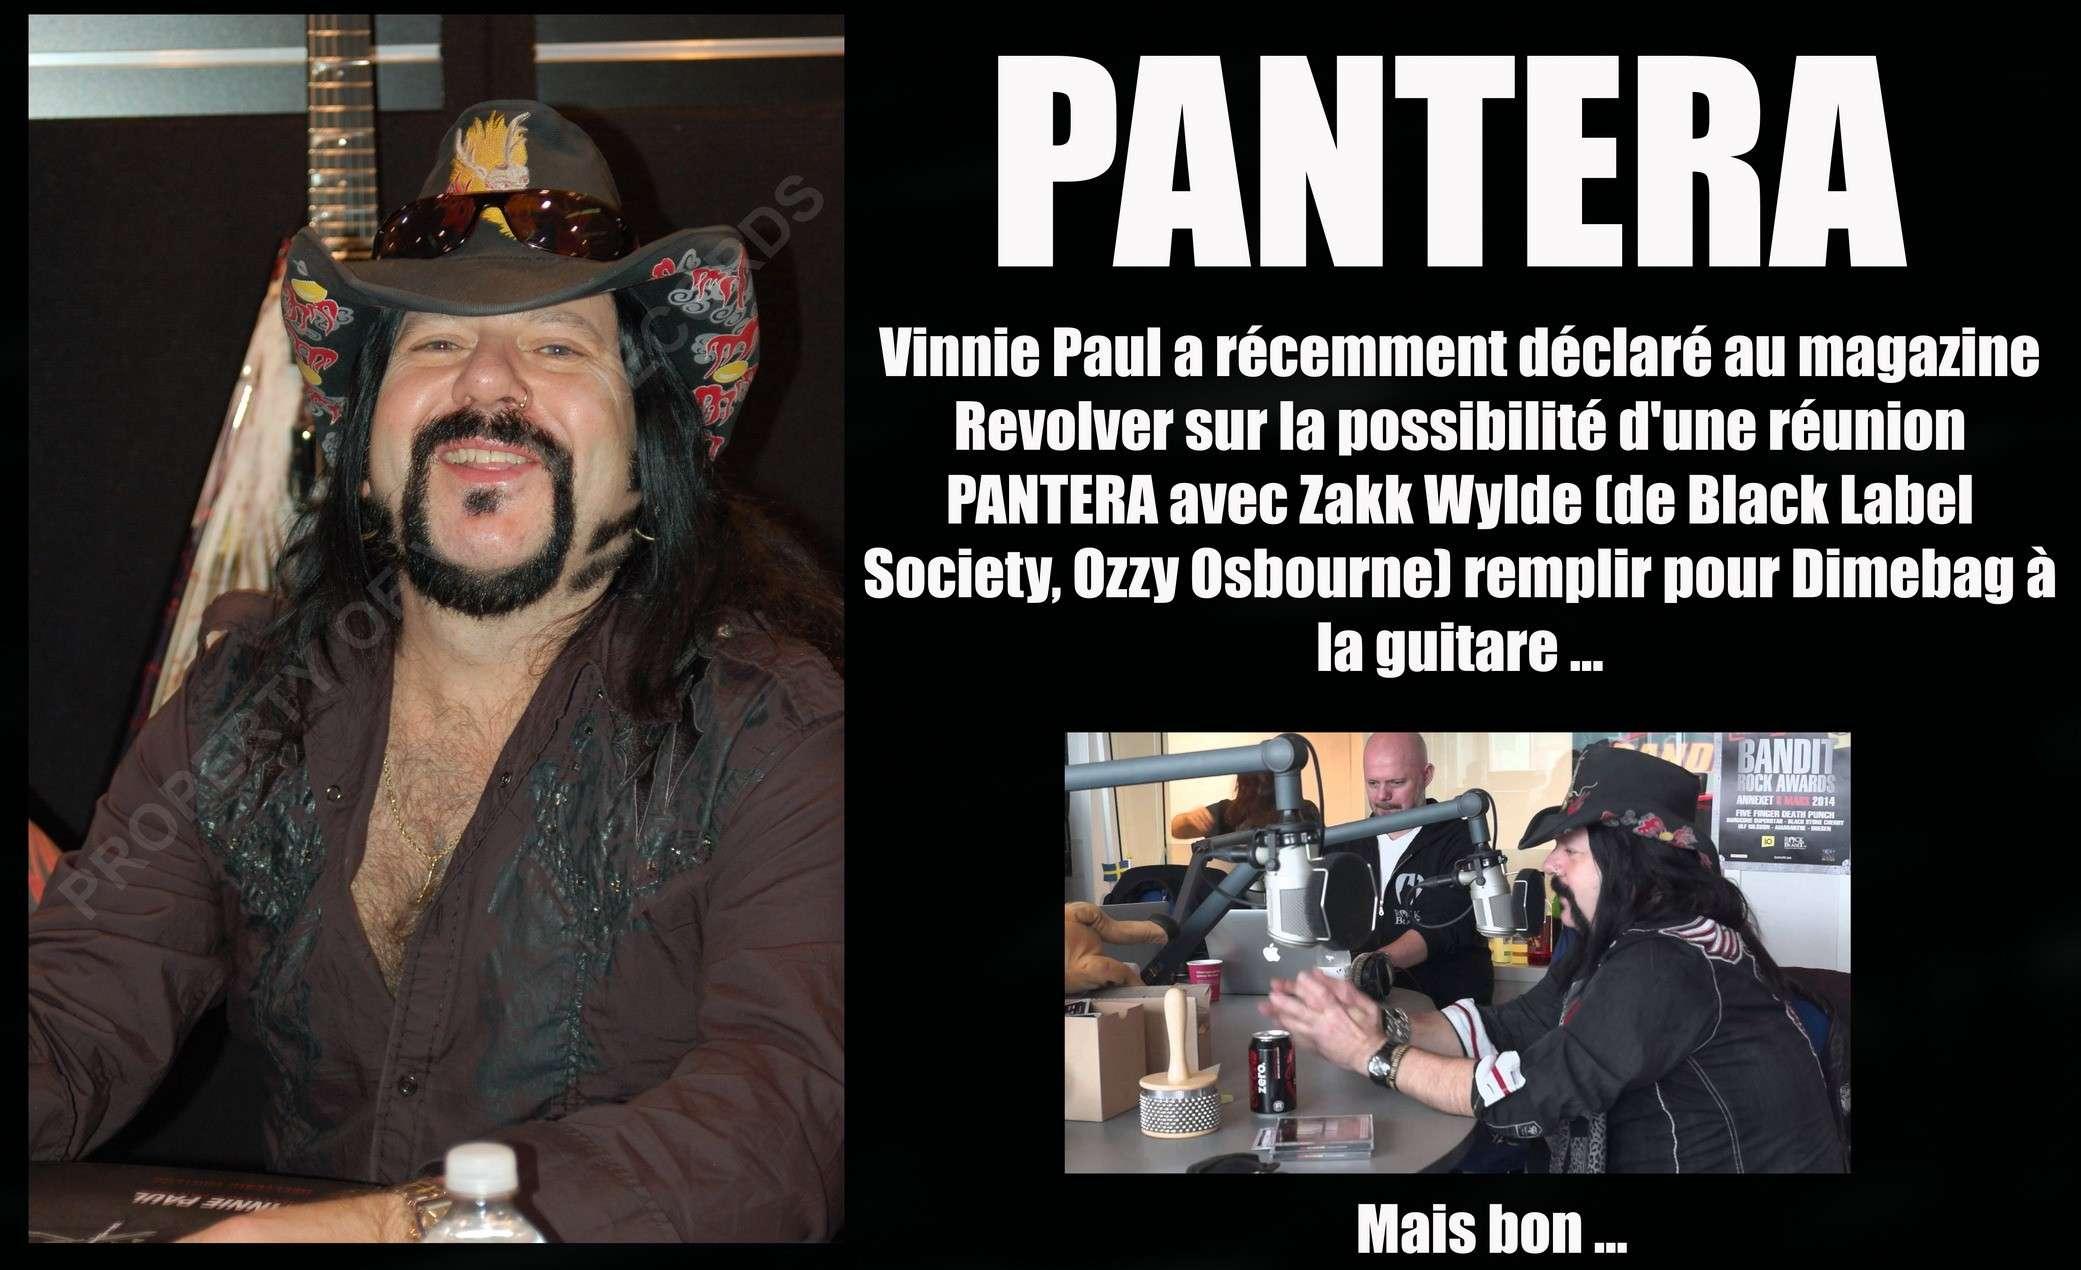 Les NEWS du METAL en VRAC ... - Page 3 Vinnie10